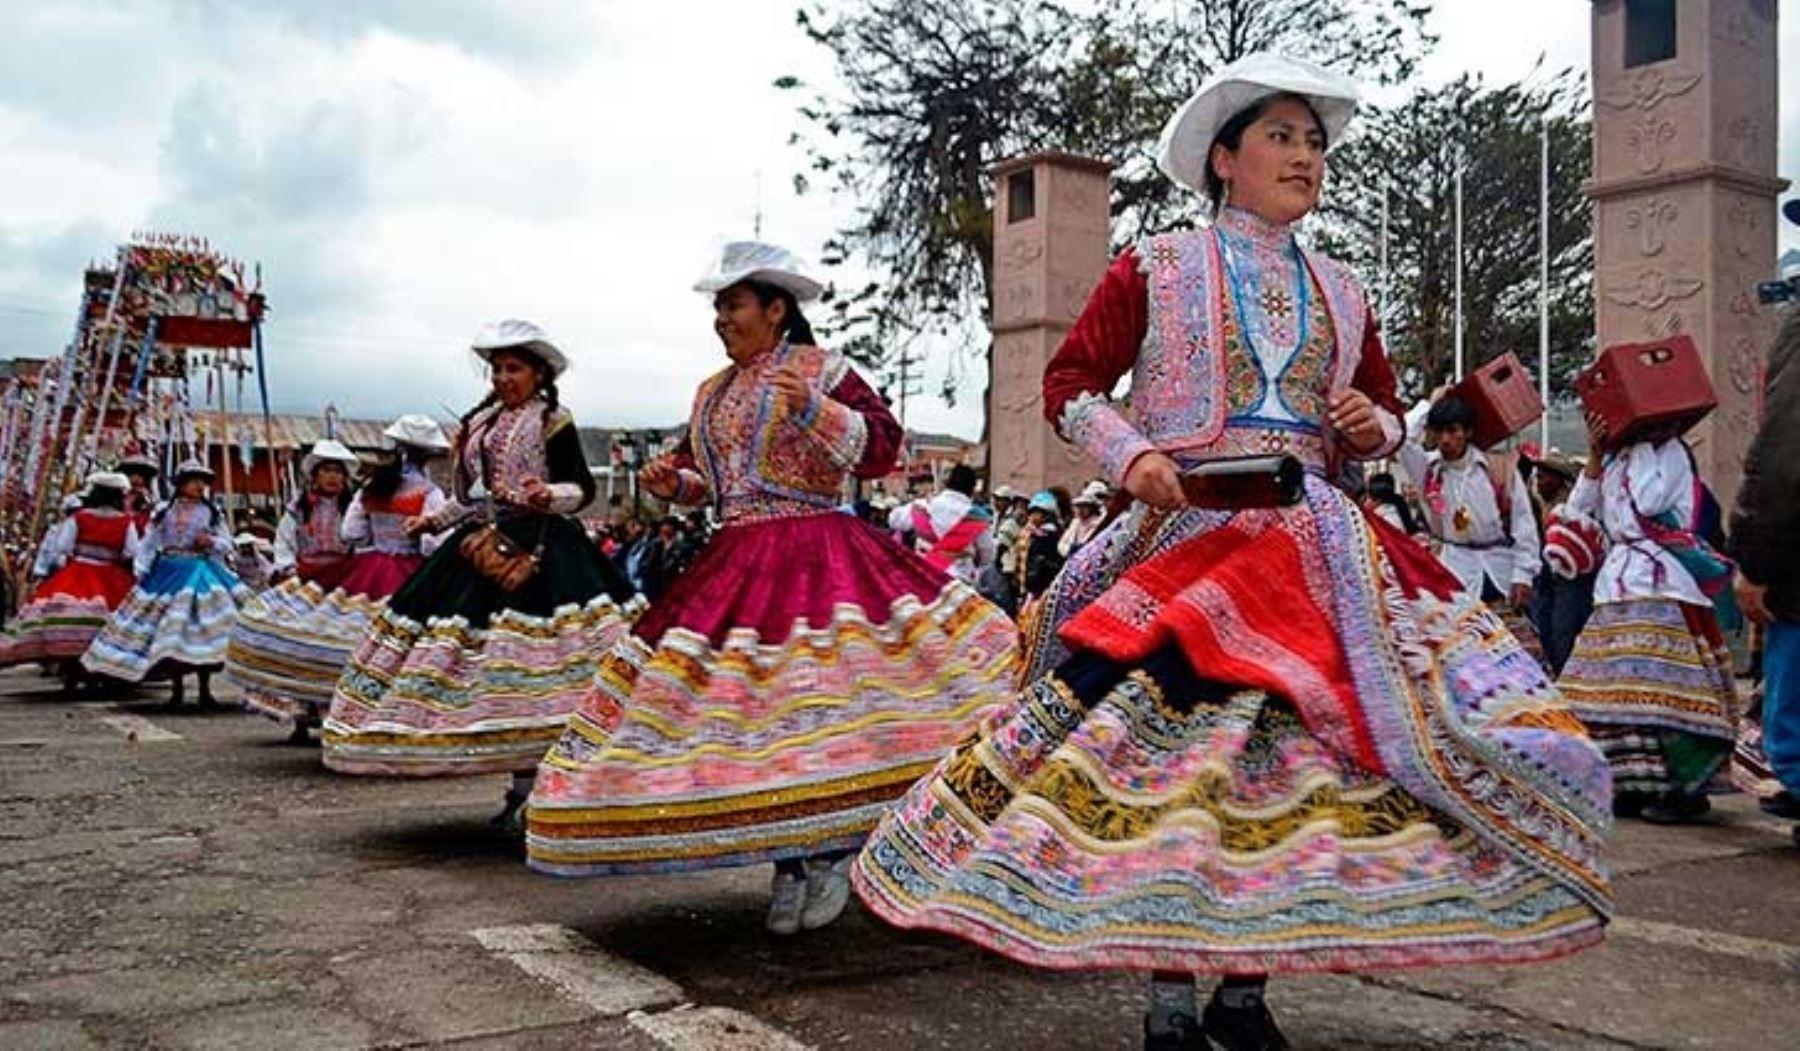 La danza del wititi del valle del Colca, declarada Patrimonio de la Humanidad por la Unesco, es un baile tradicional que guarda relación con el comienzo de la edad adulta. ANDINA/DifusiónANDINA/Difusión